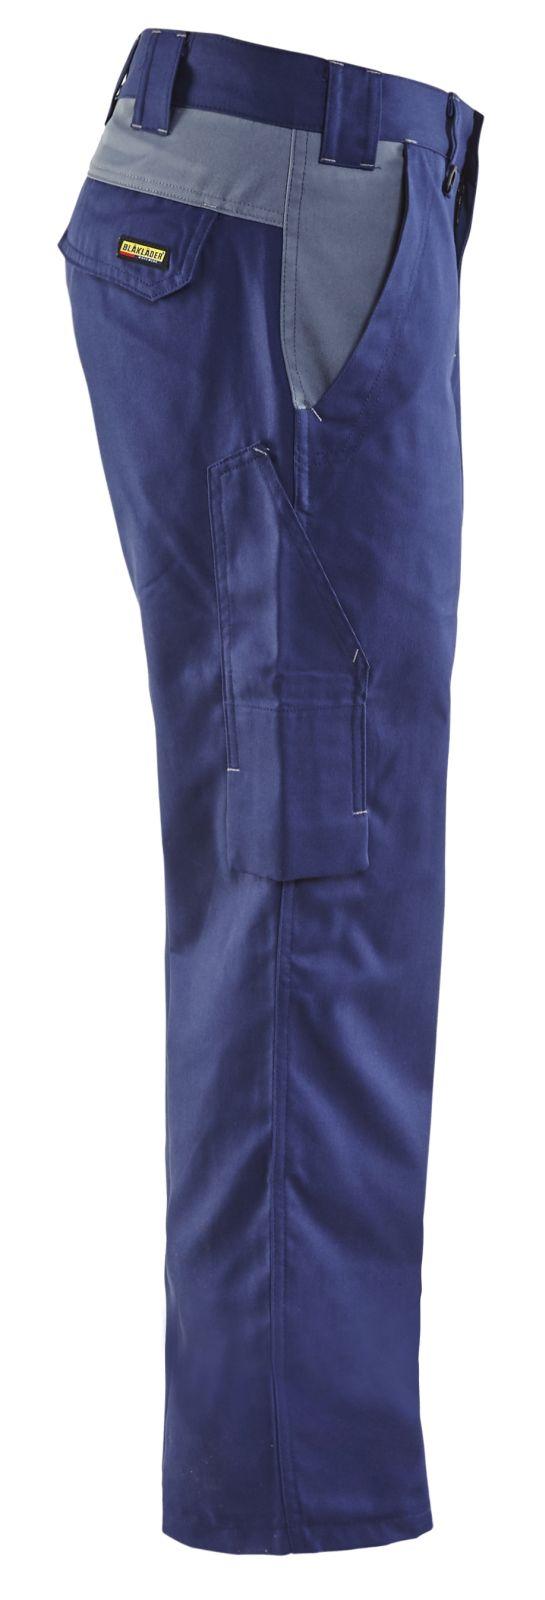 Blaklader Werkbroeken 14041800 marineblauw-grijs(8994)